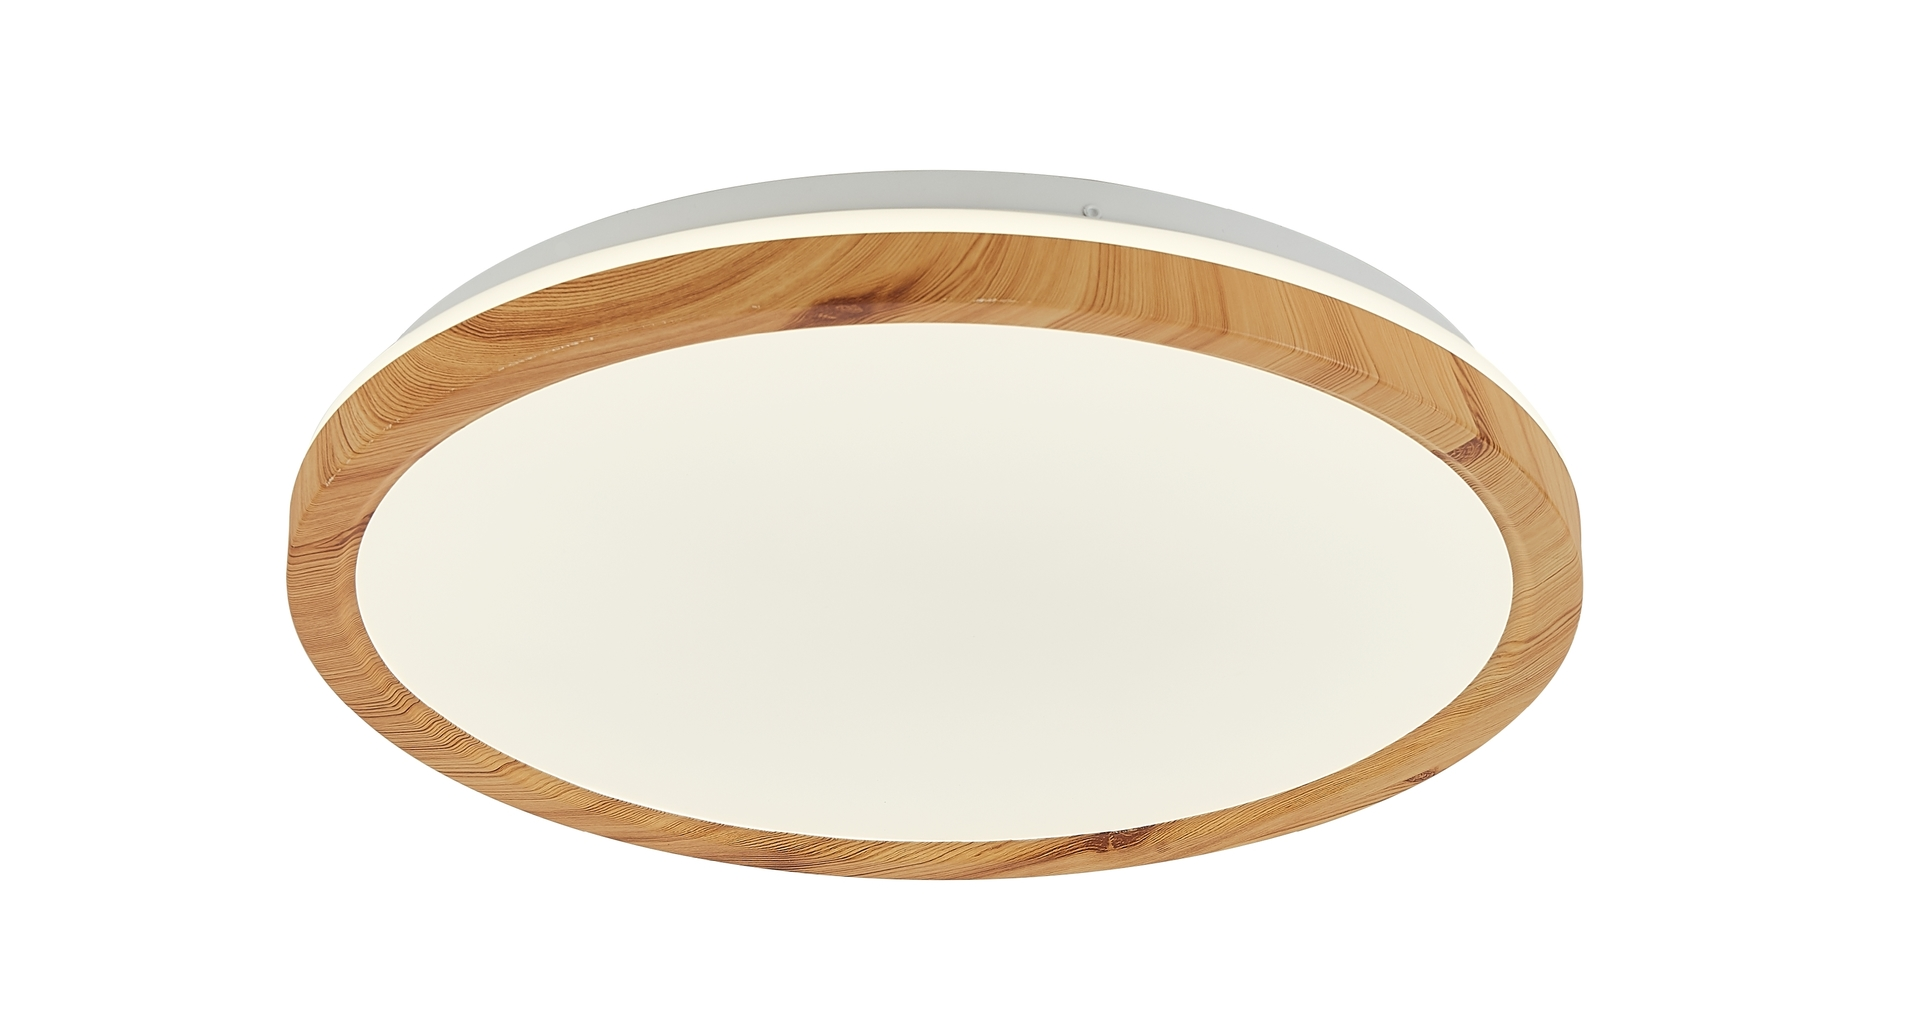 Plafon Kato 400 Mm 1 Biały Jasne Drewno